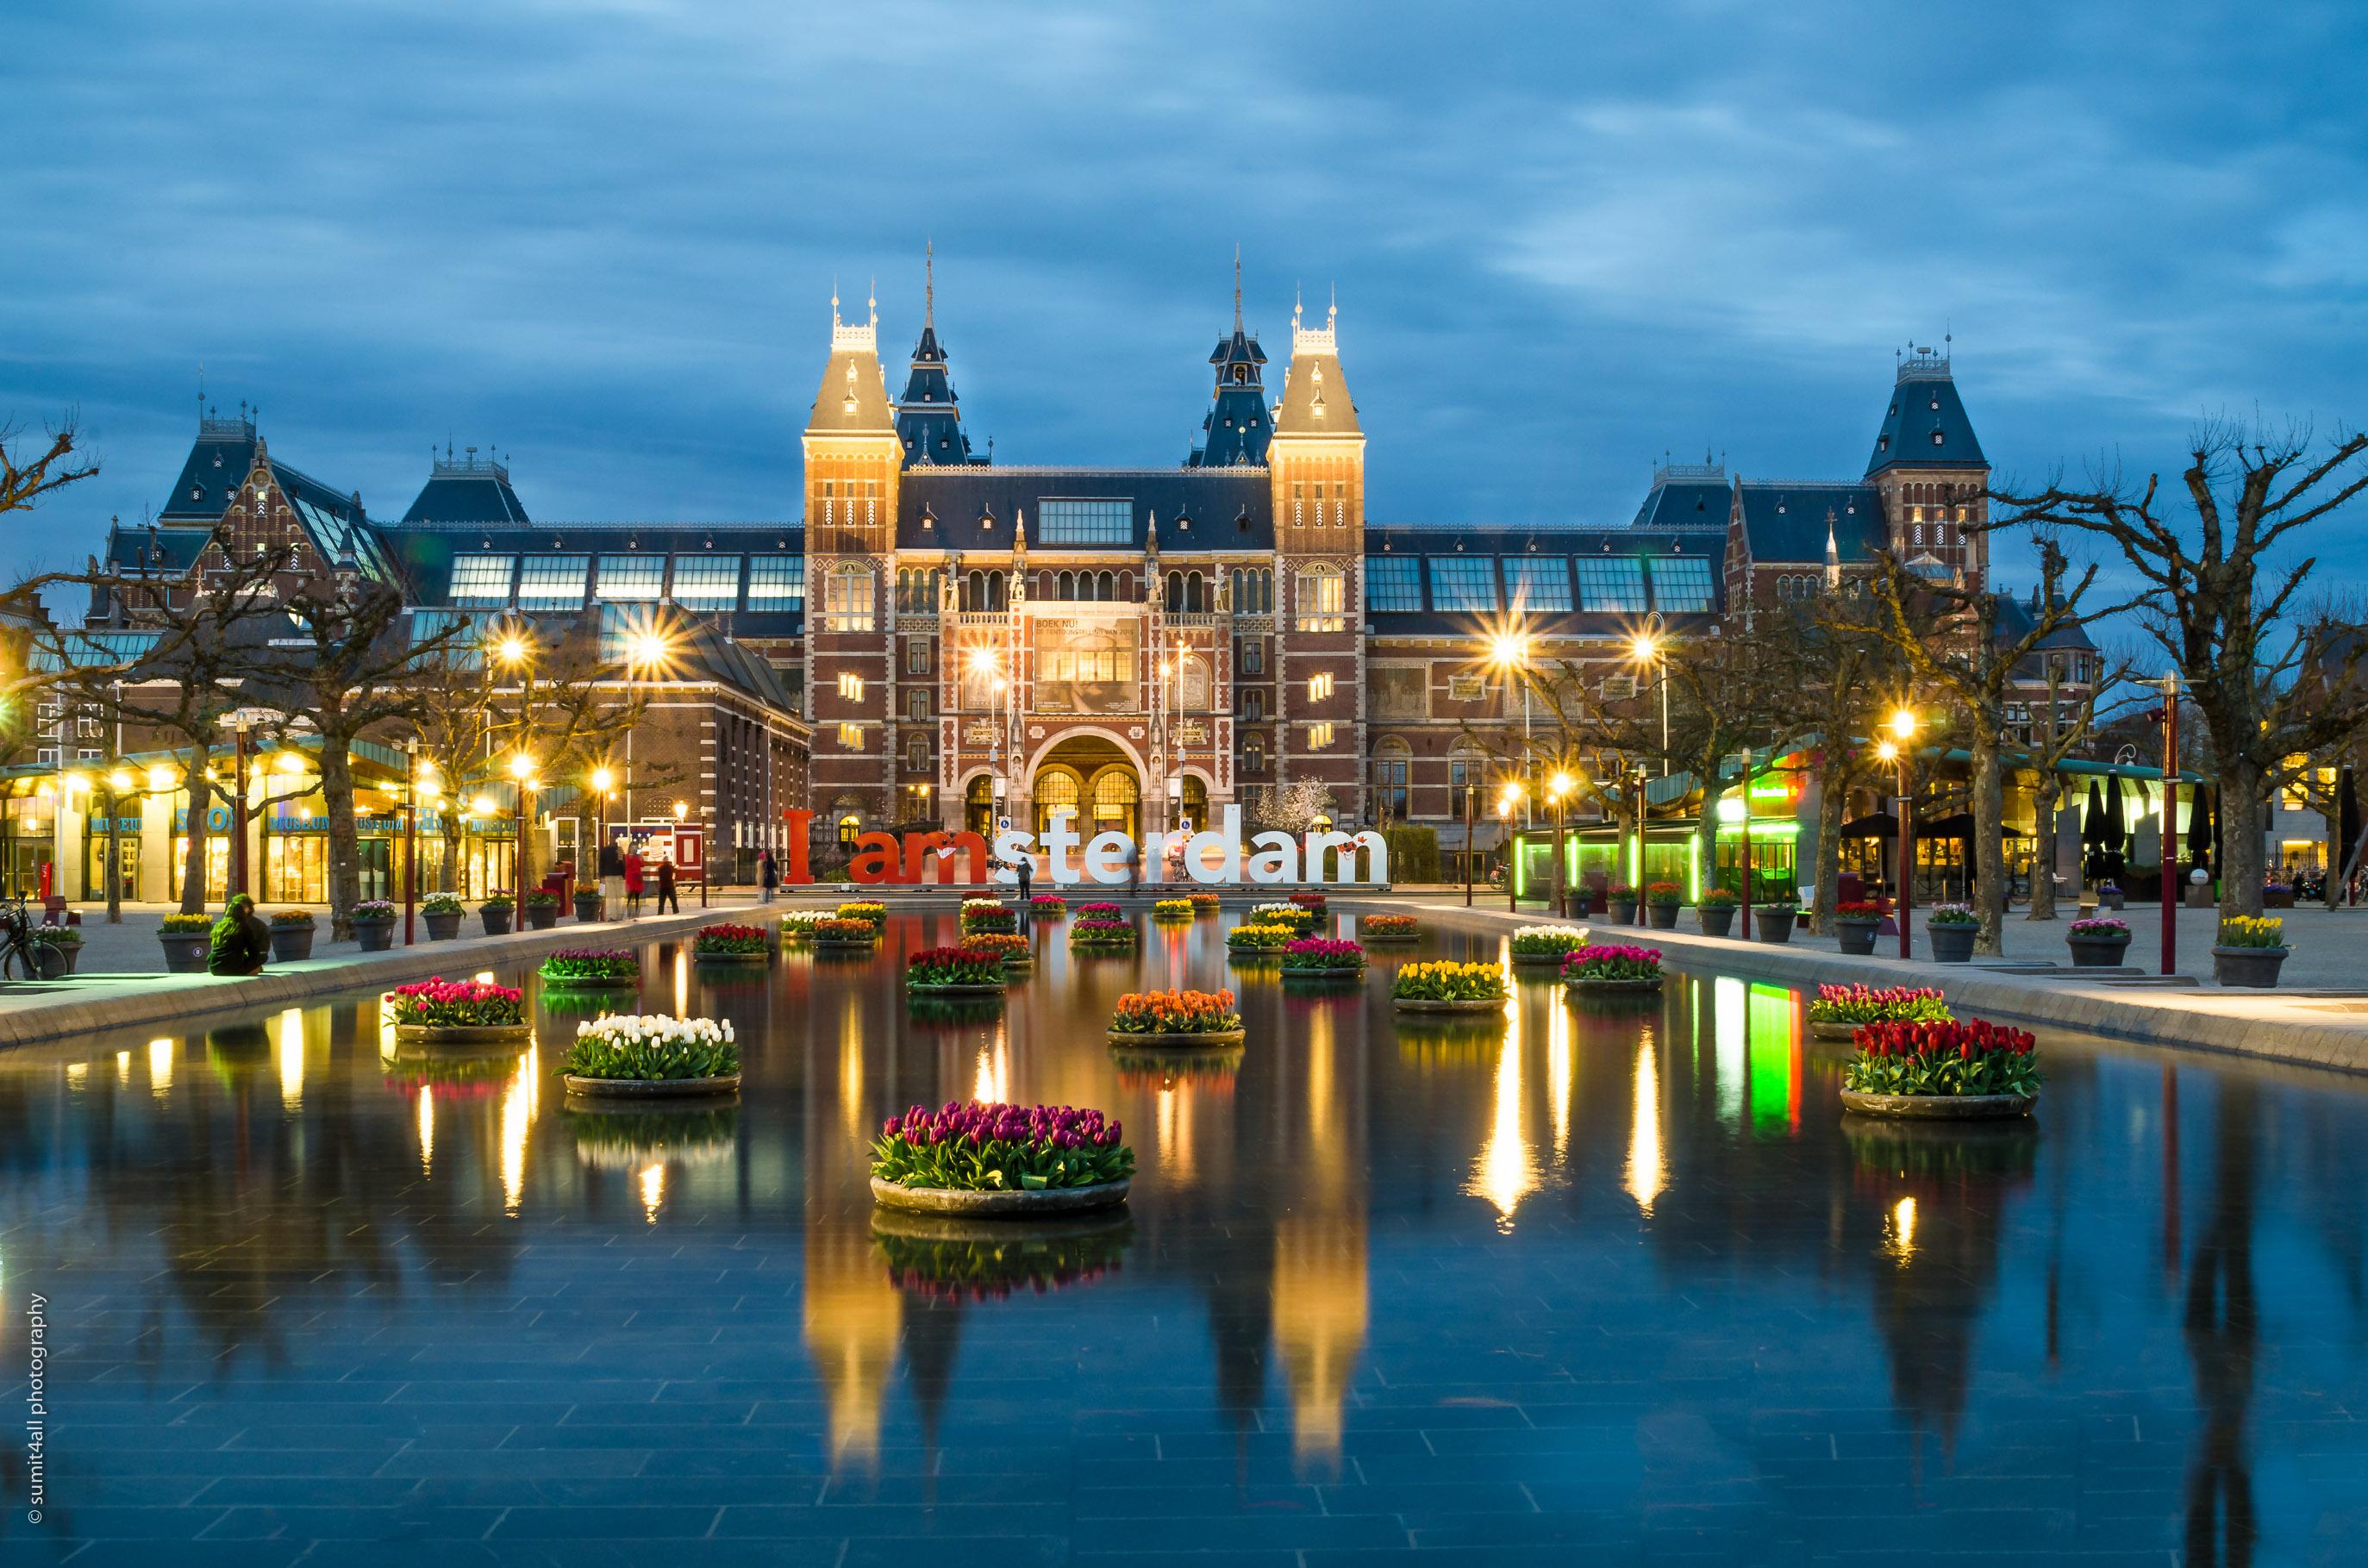 Tulips in front of the Rijksmuseum